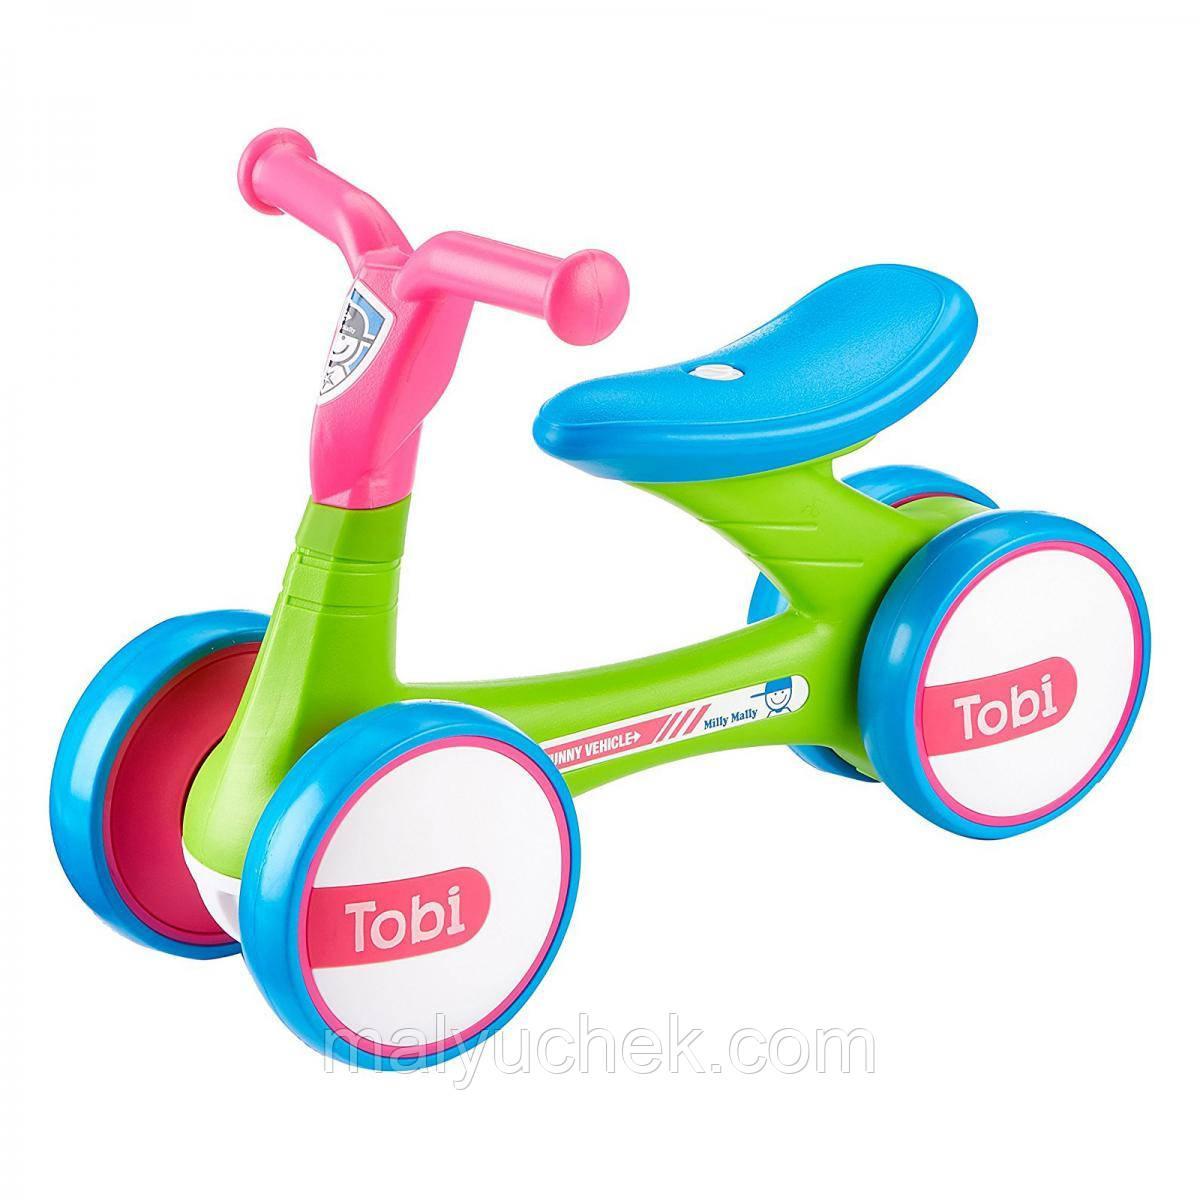 Беговел Ride on Tobi Pink-Green, Milly Mally (5901761123067)